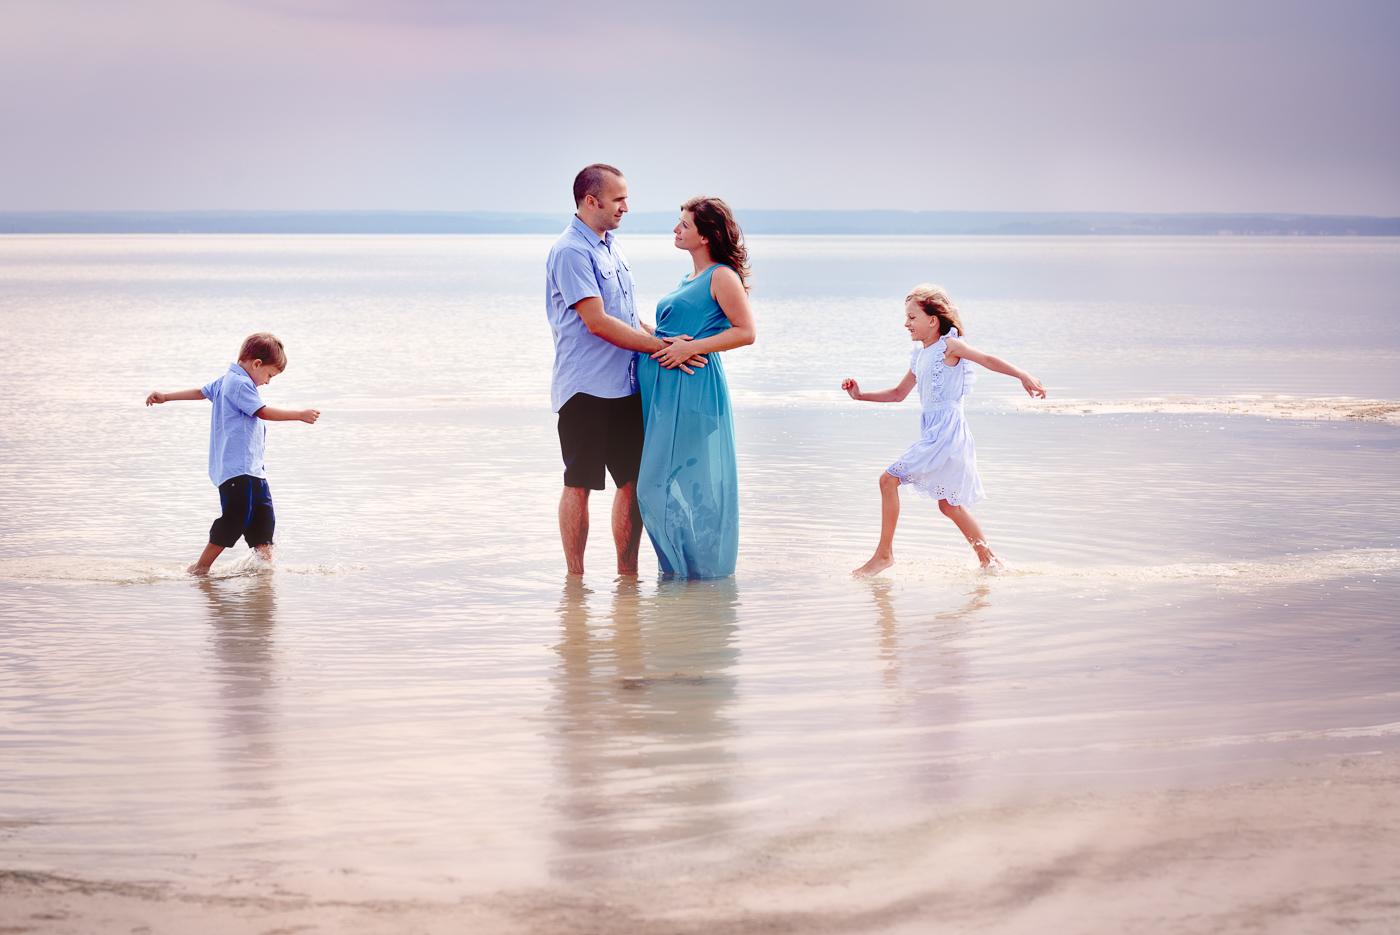 piękne zdjęcie rodzinne sesja nad morzem o zachodzie słońca, dzieci biegają w wodzie Anita talaśka Fotografia